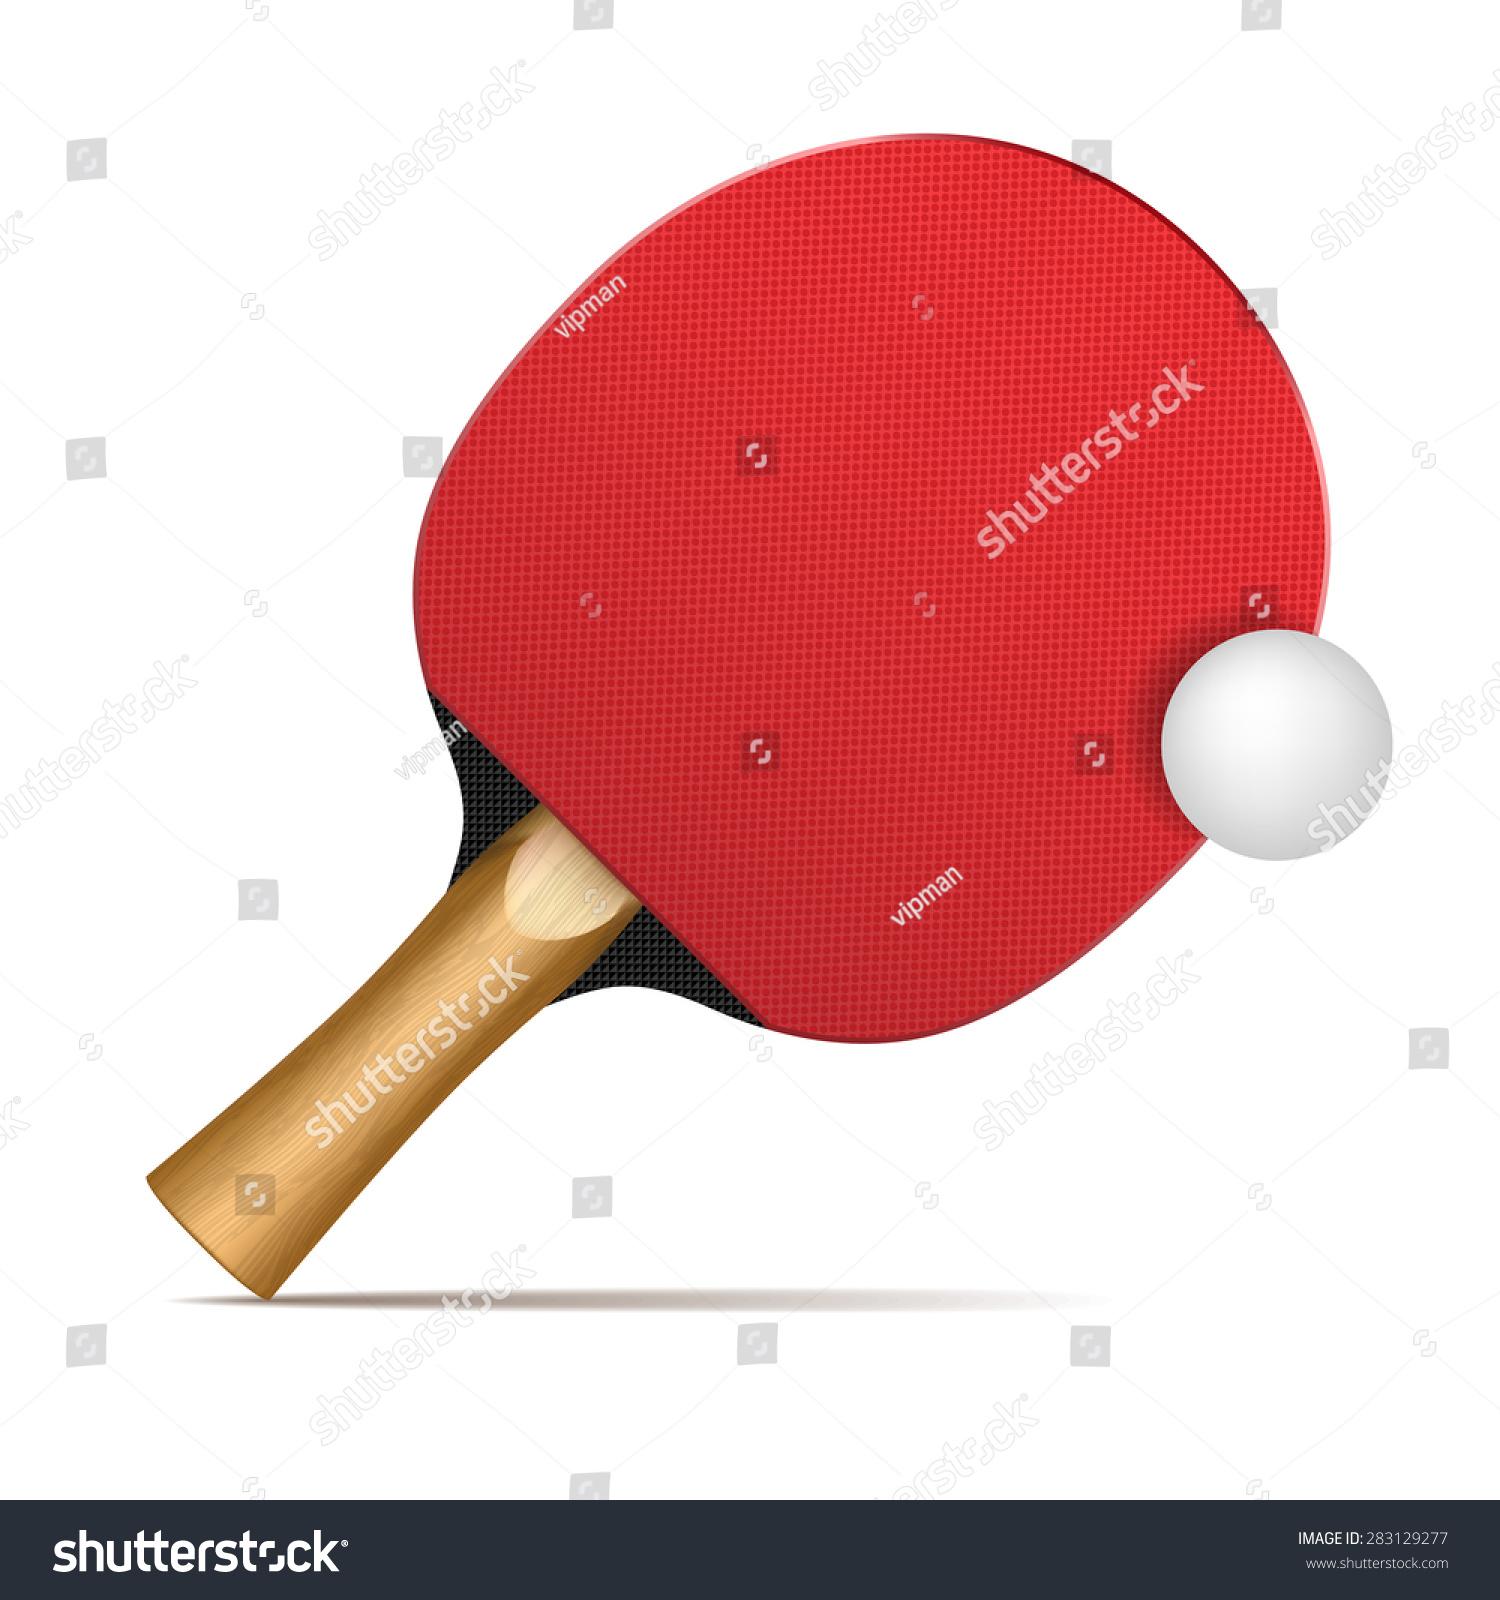 06819129d Vetor stock de Ping Pong Paddles Balls (livre de direitos) 283129277 ...